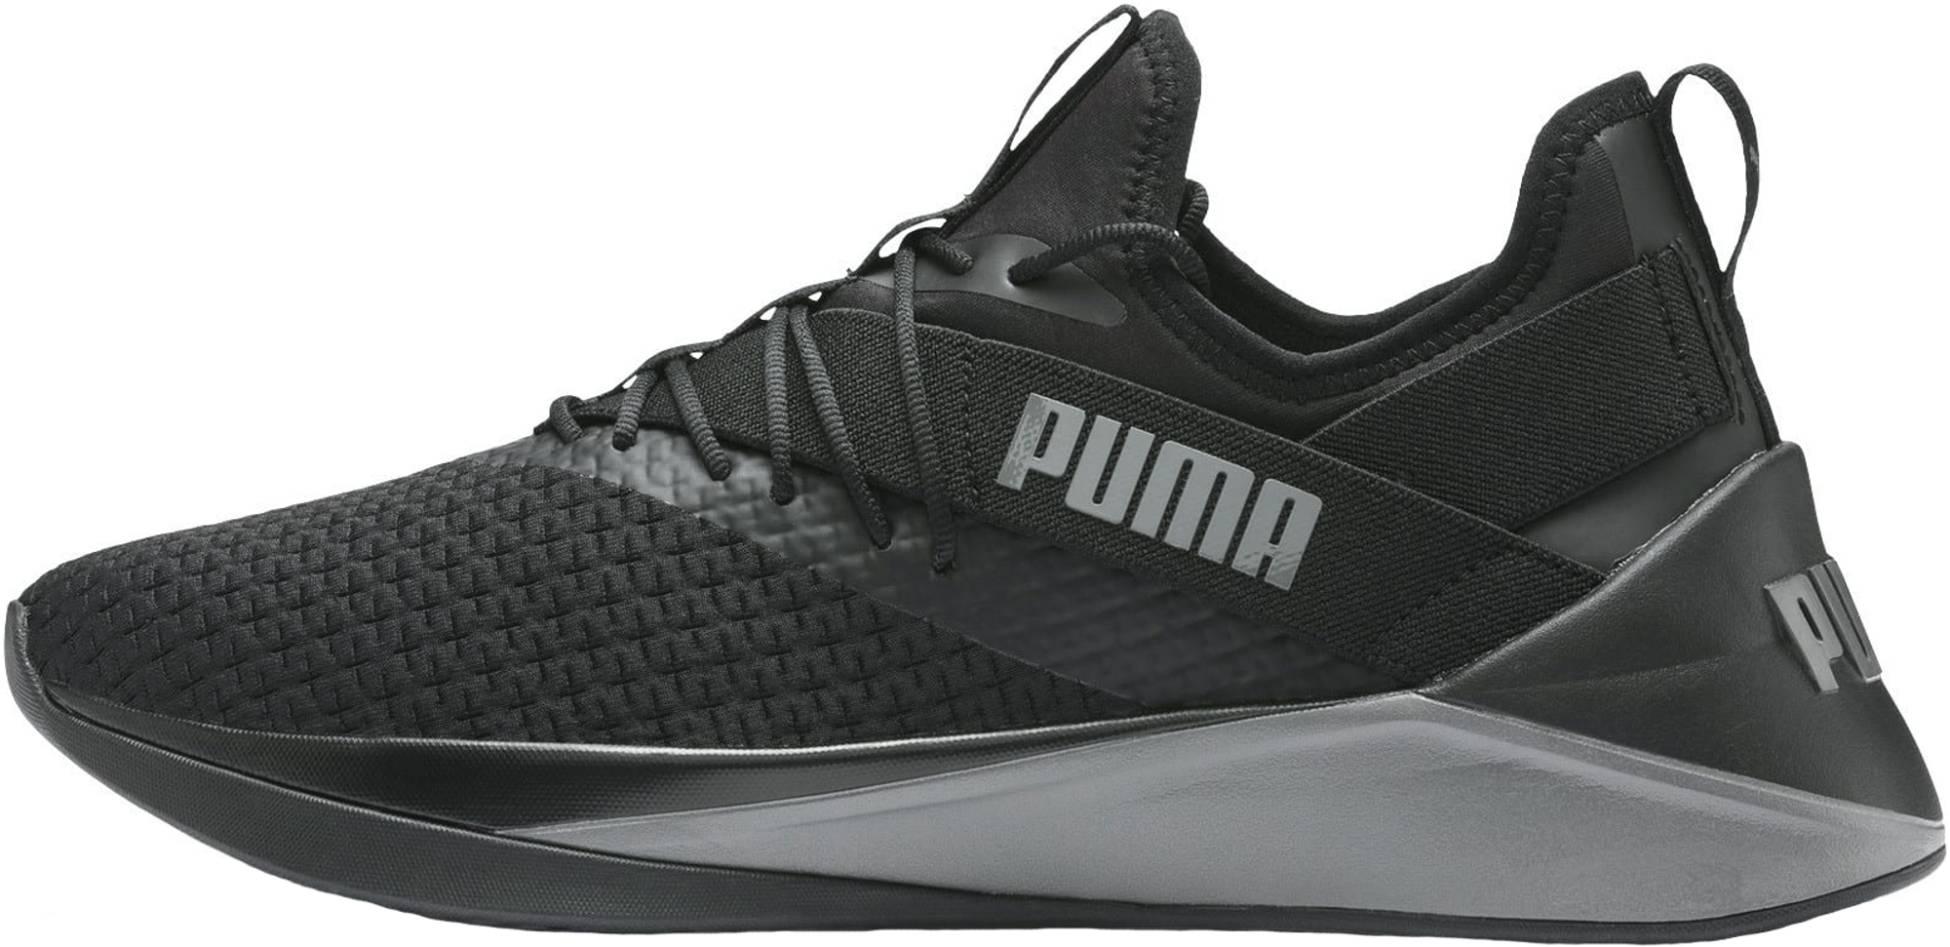 Puma Jaab XT - Deals ($50), Facts, Reviews (2021) | RunRepeat